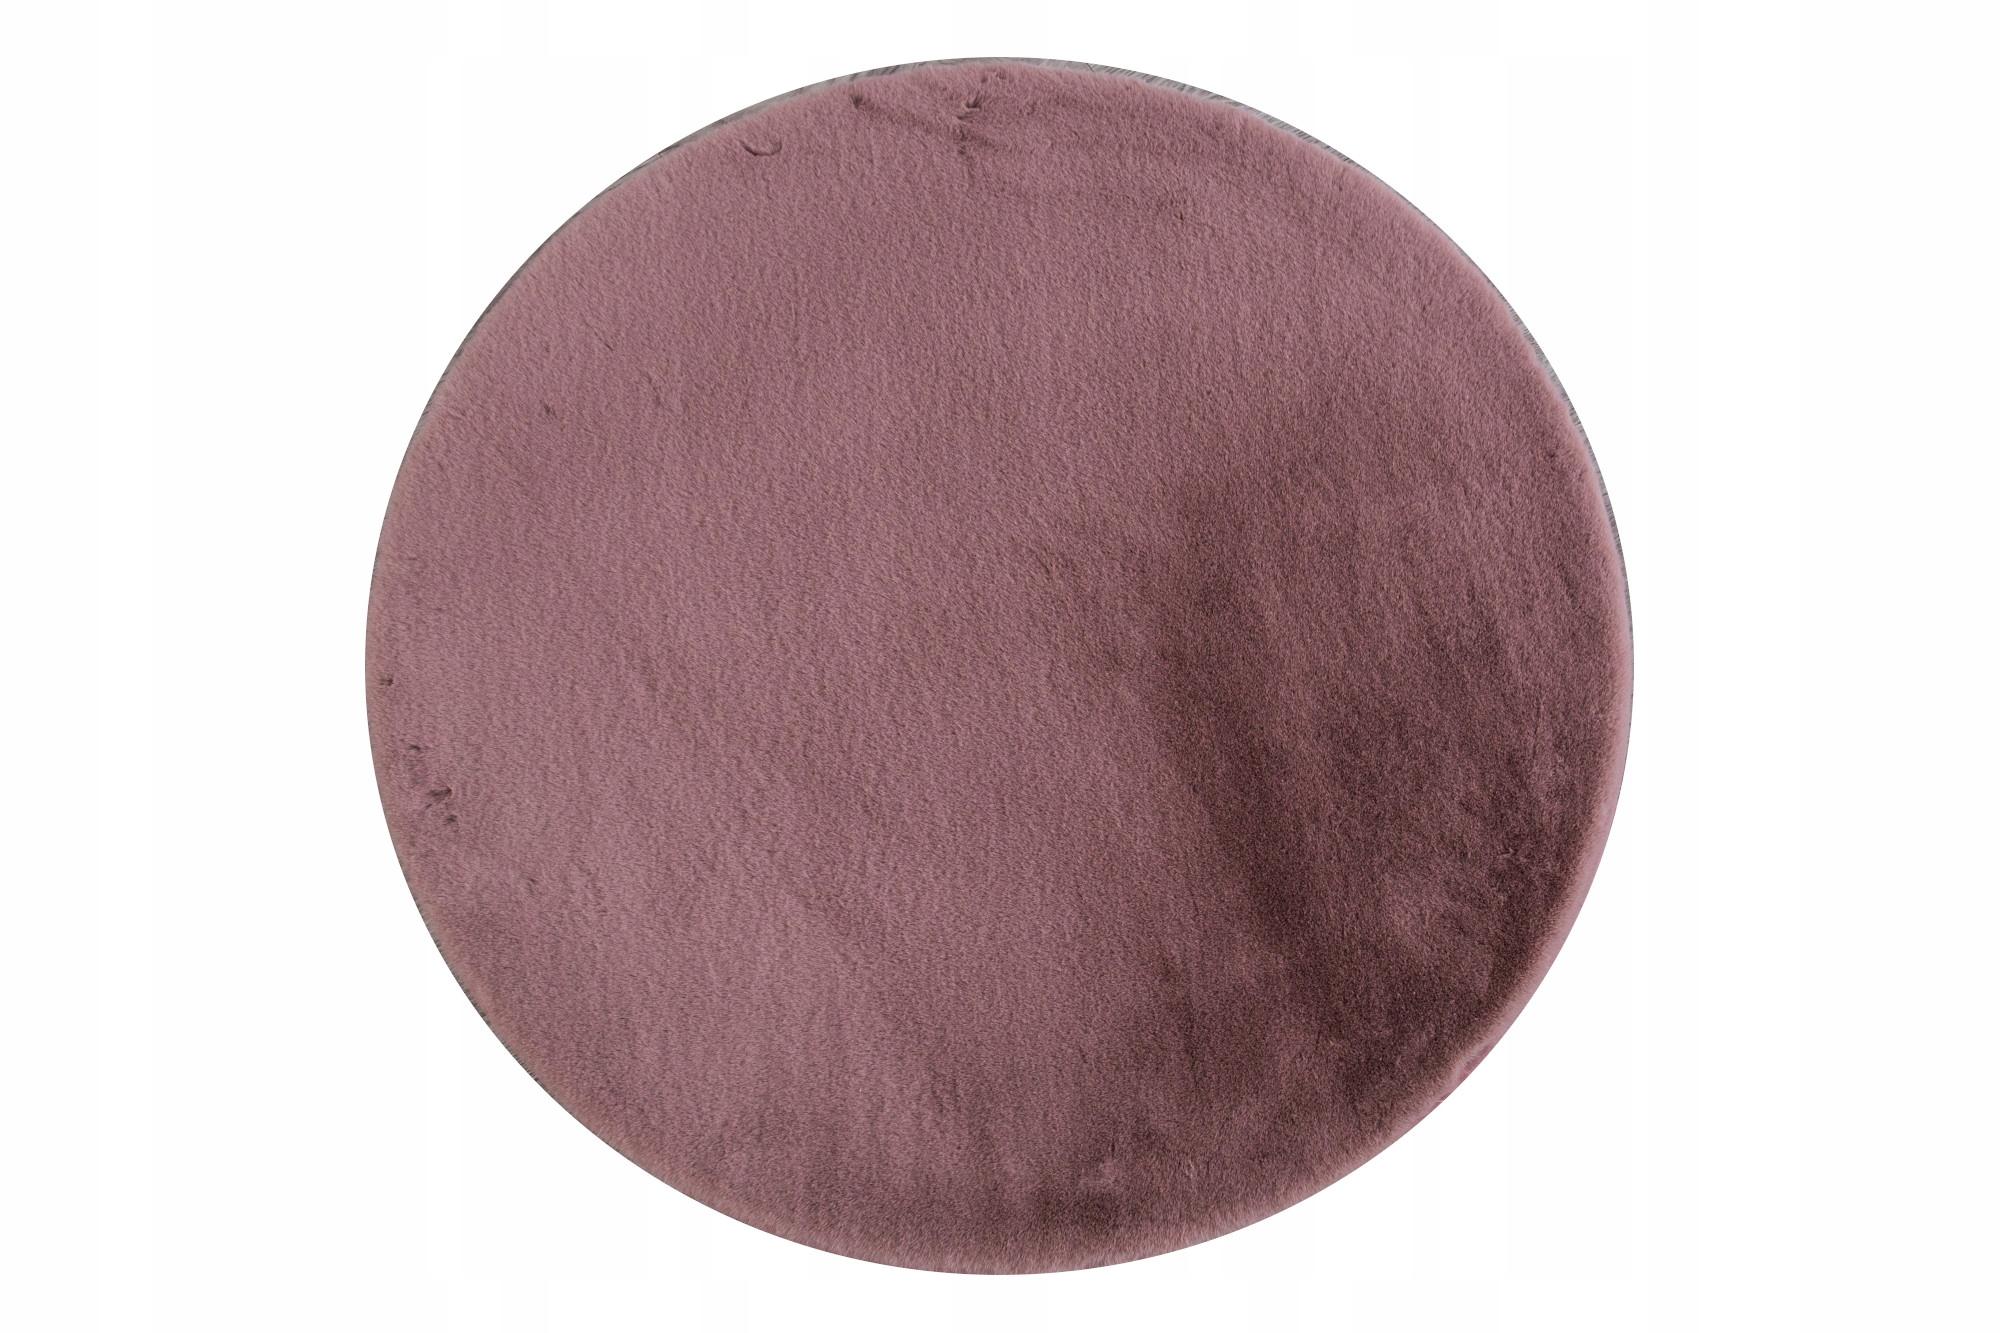 Нескользящий плюшевый коврик 90см грязно-розовый